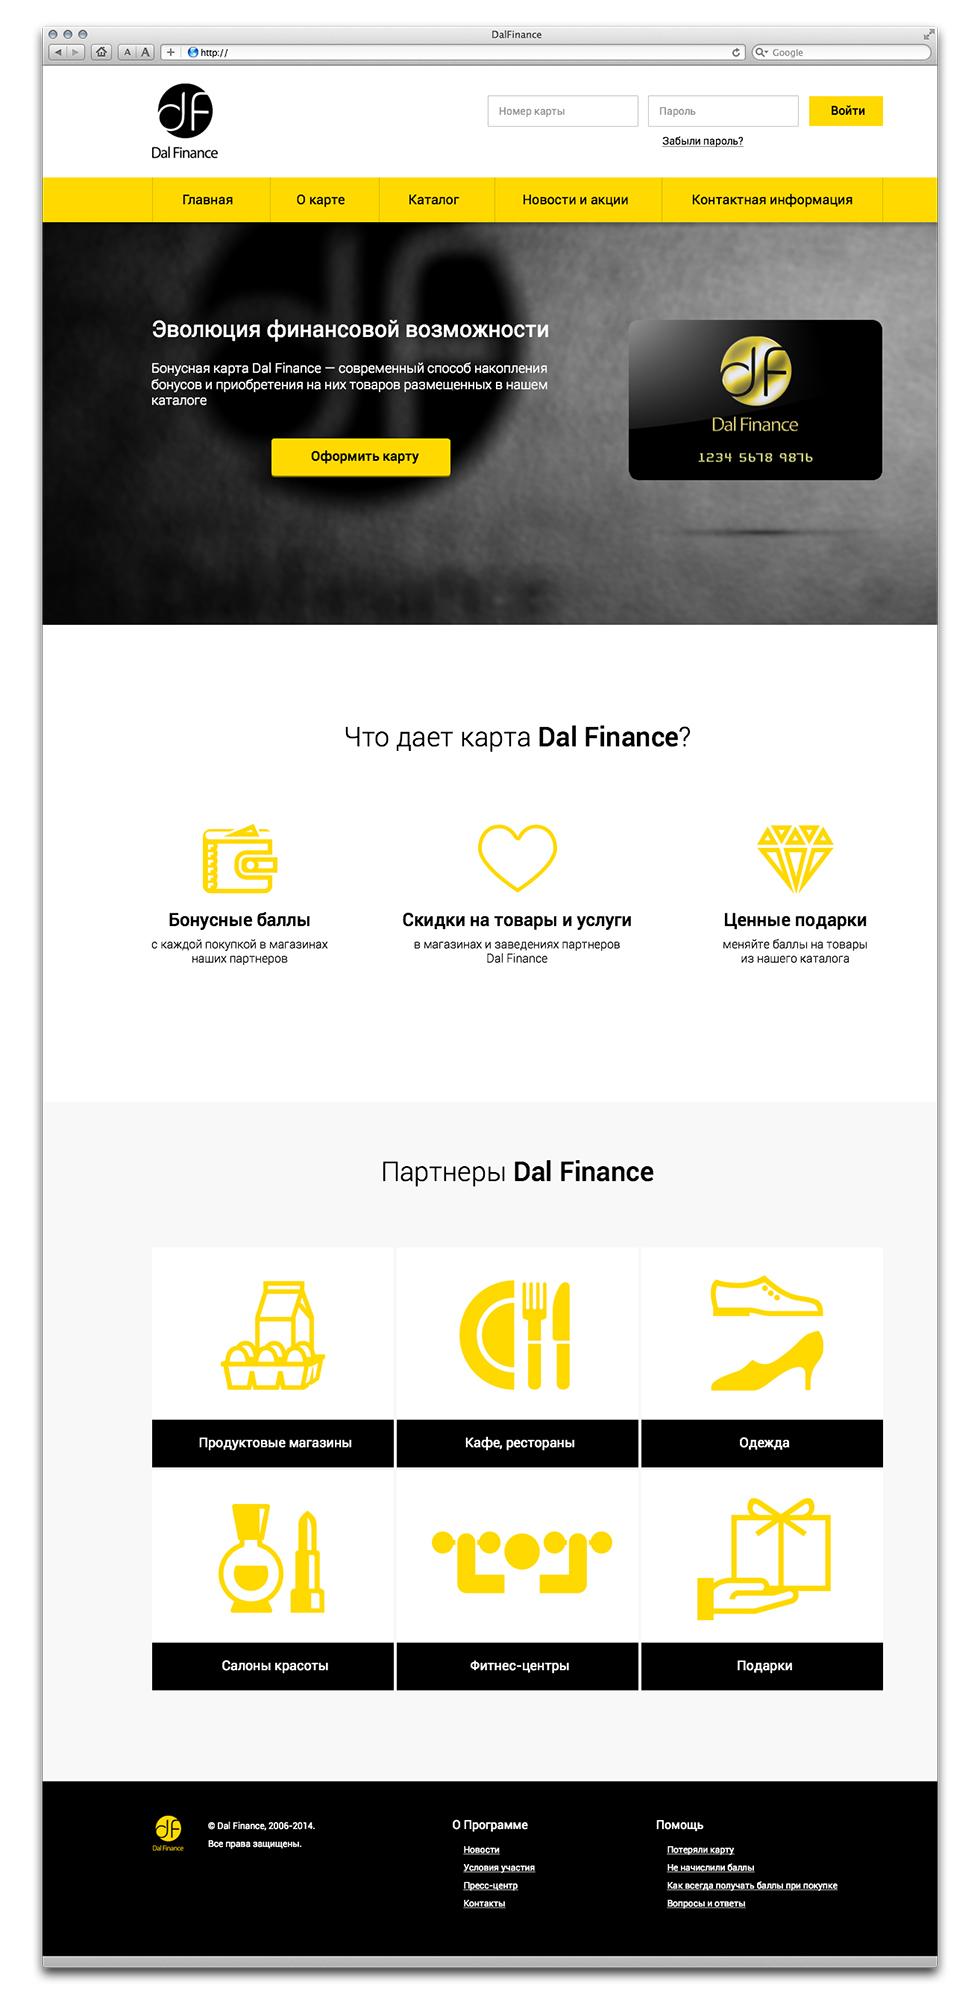 DalFinance